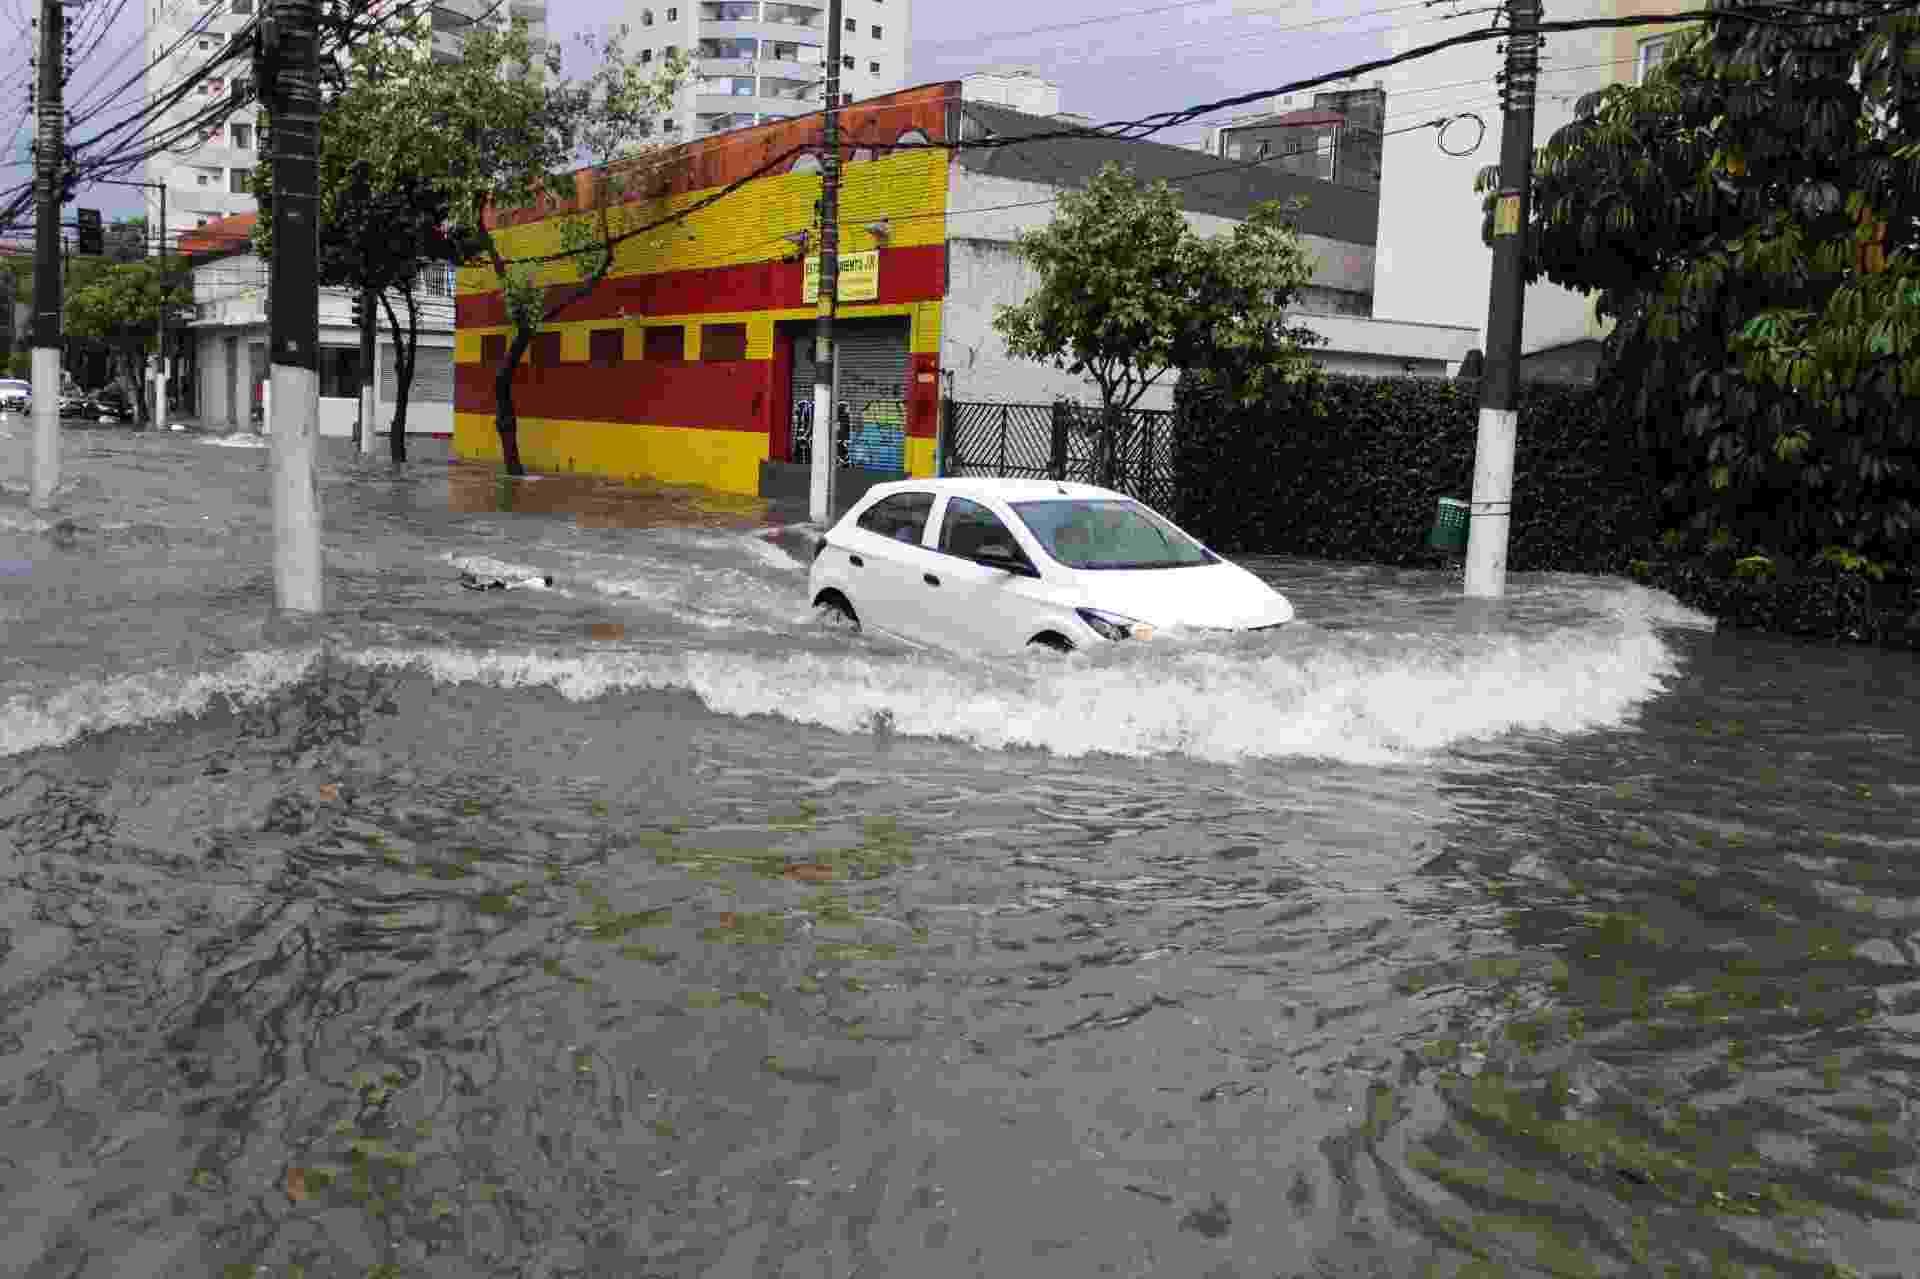 25.out.2020 - Chuva forte causa alagamentos no bairro do Cambuci, região Central de São Paulo - ANANDA MIGLIANO/O FOTOGRÁFICO/ESTADÃO CONTEÚDO